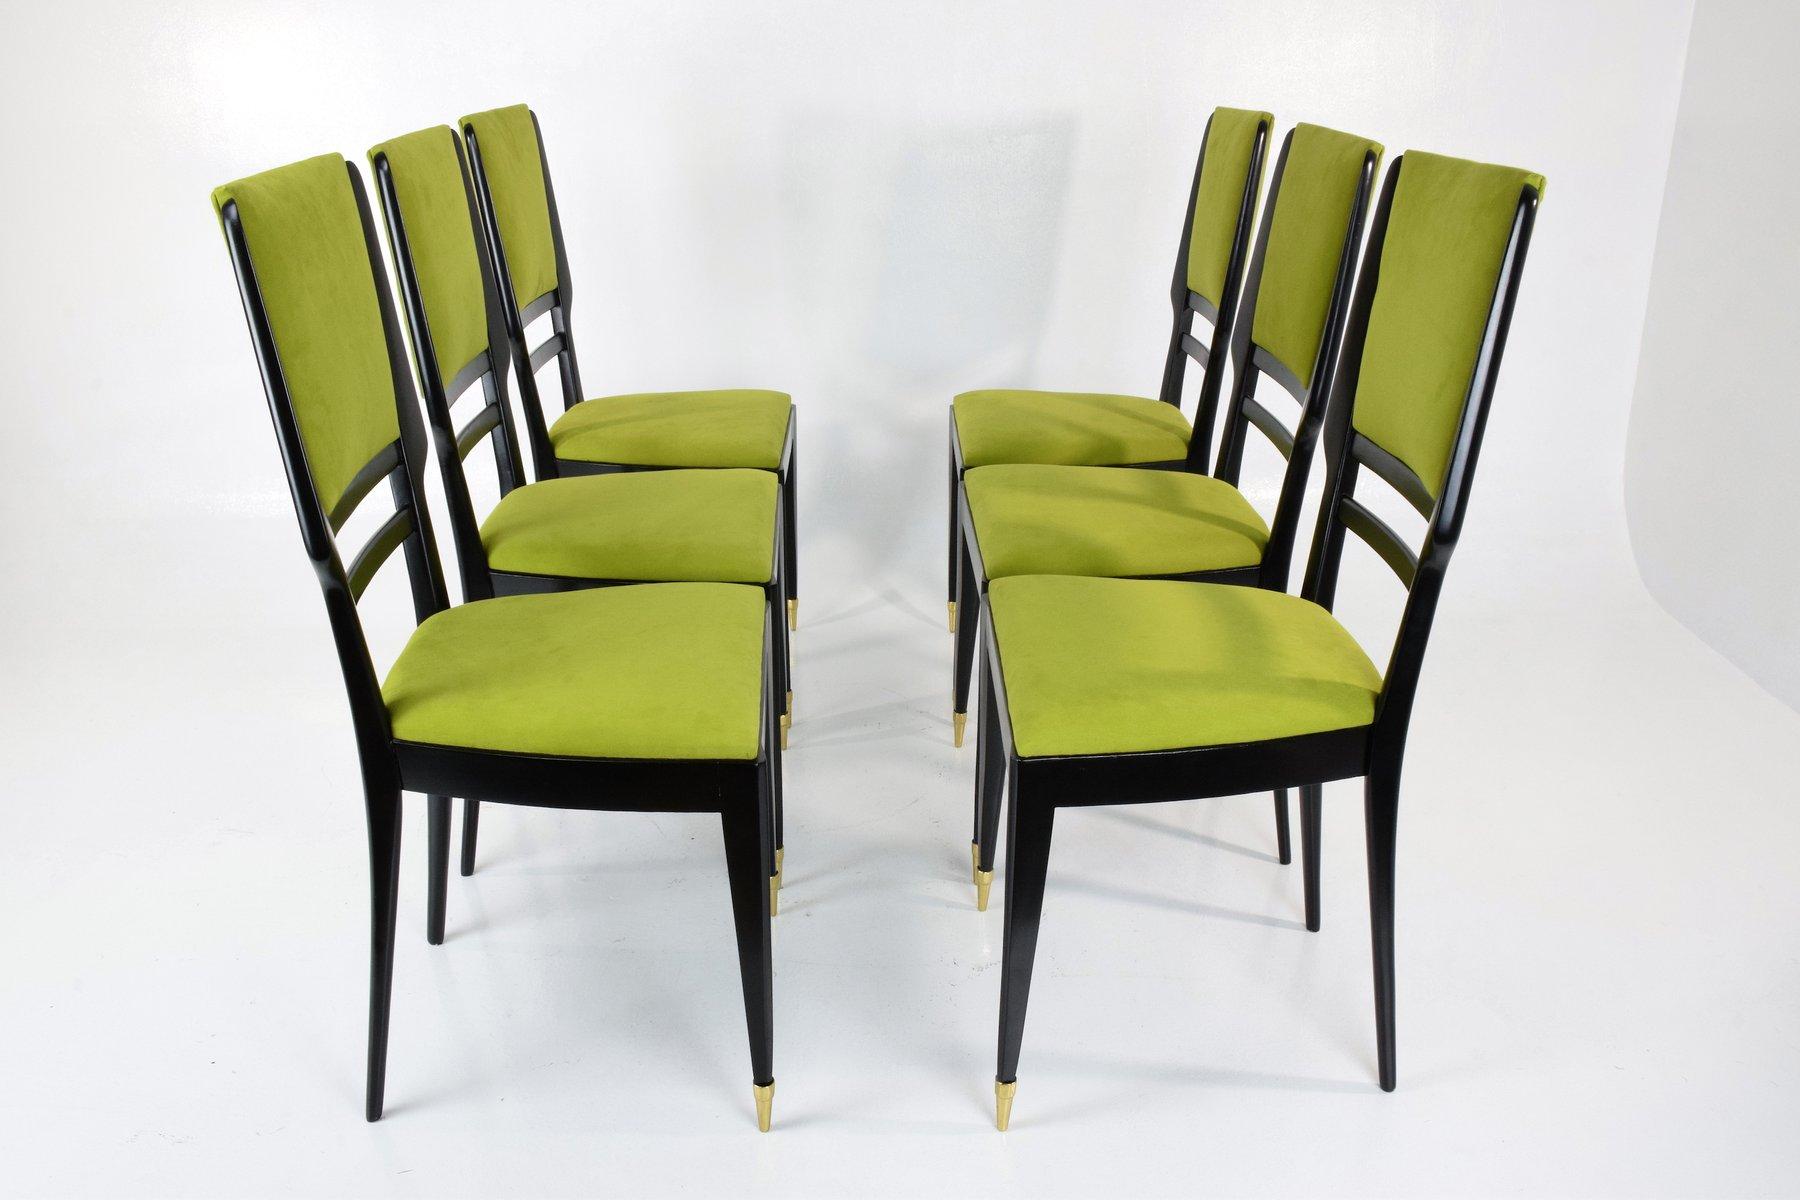 italienische esszimmerst hle 1950er 6er set bei pamono kaufen. Black Bedroom Furniture Sets. Home Design Ideas